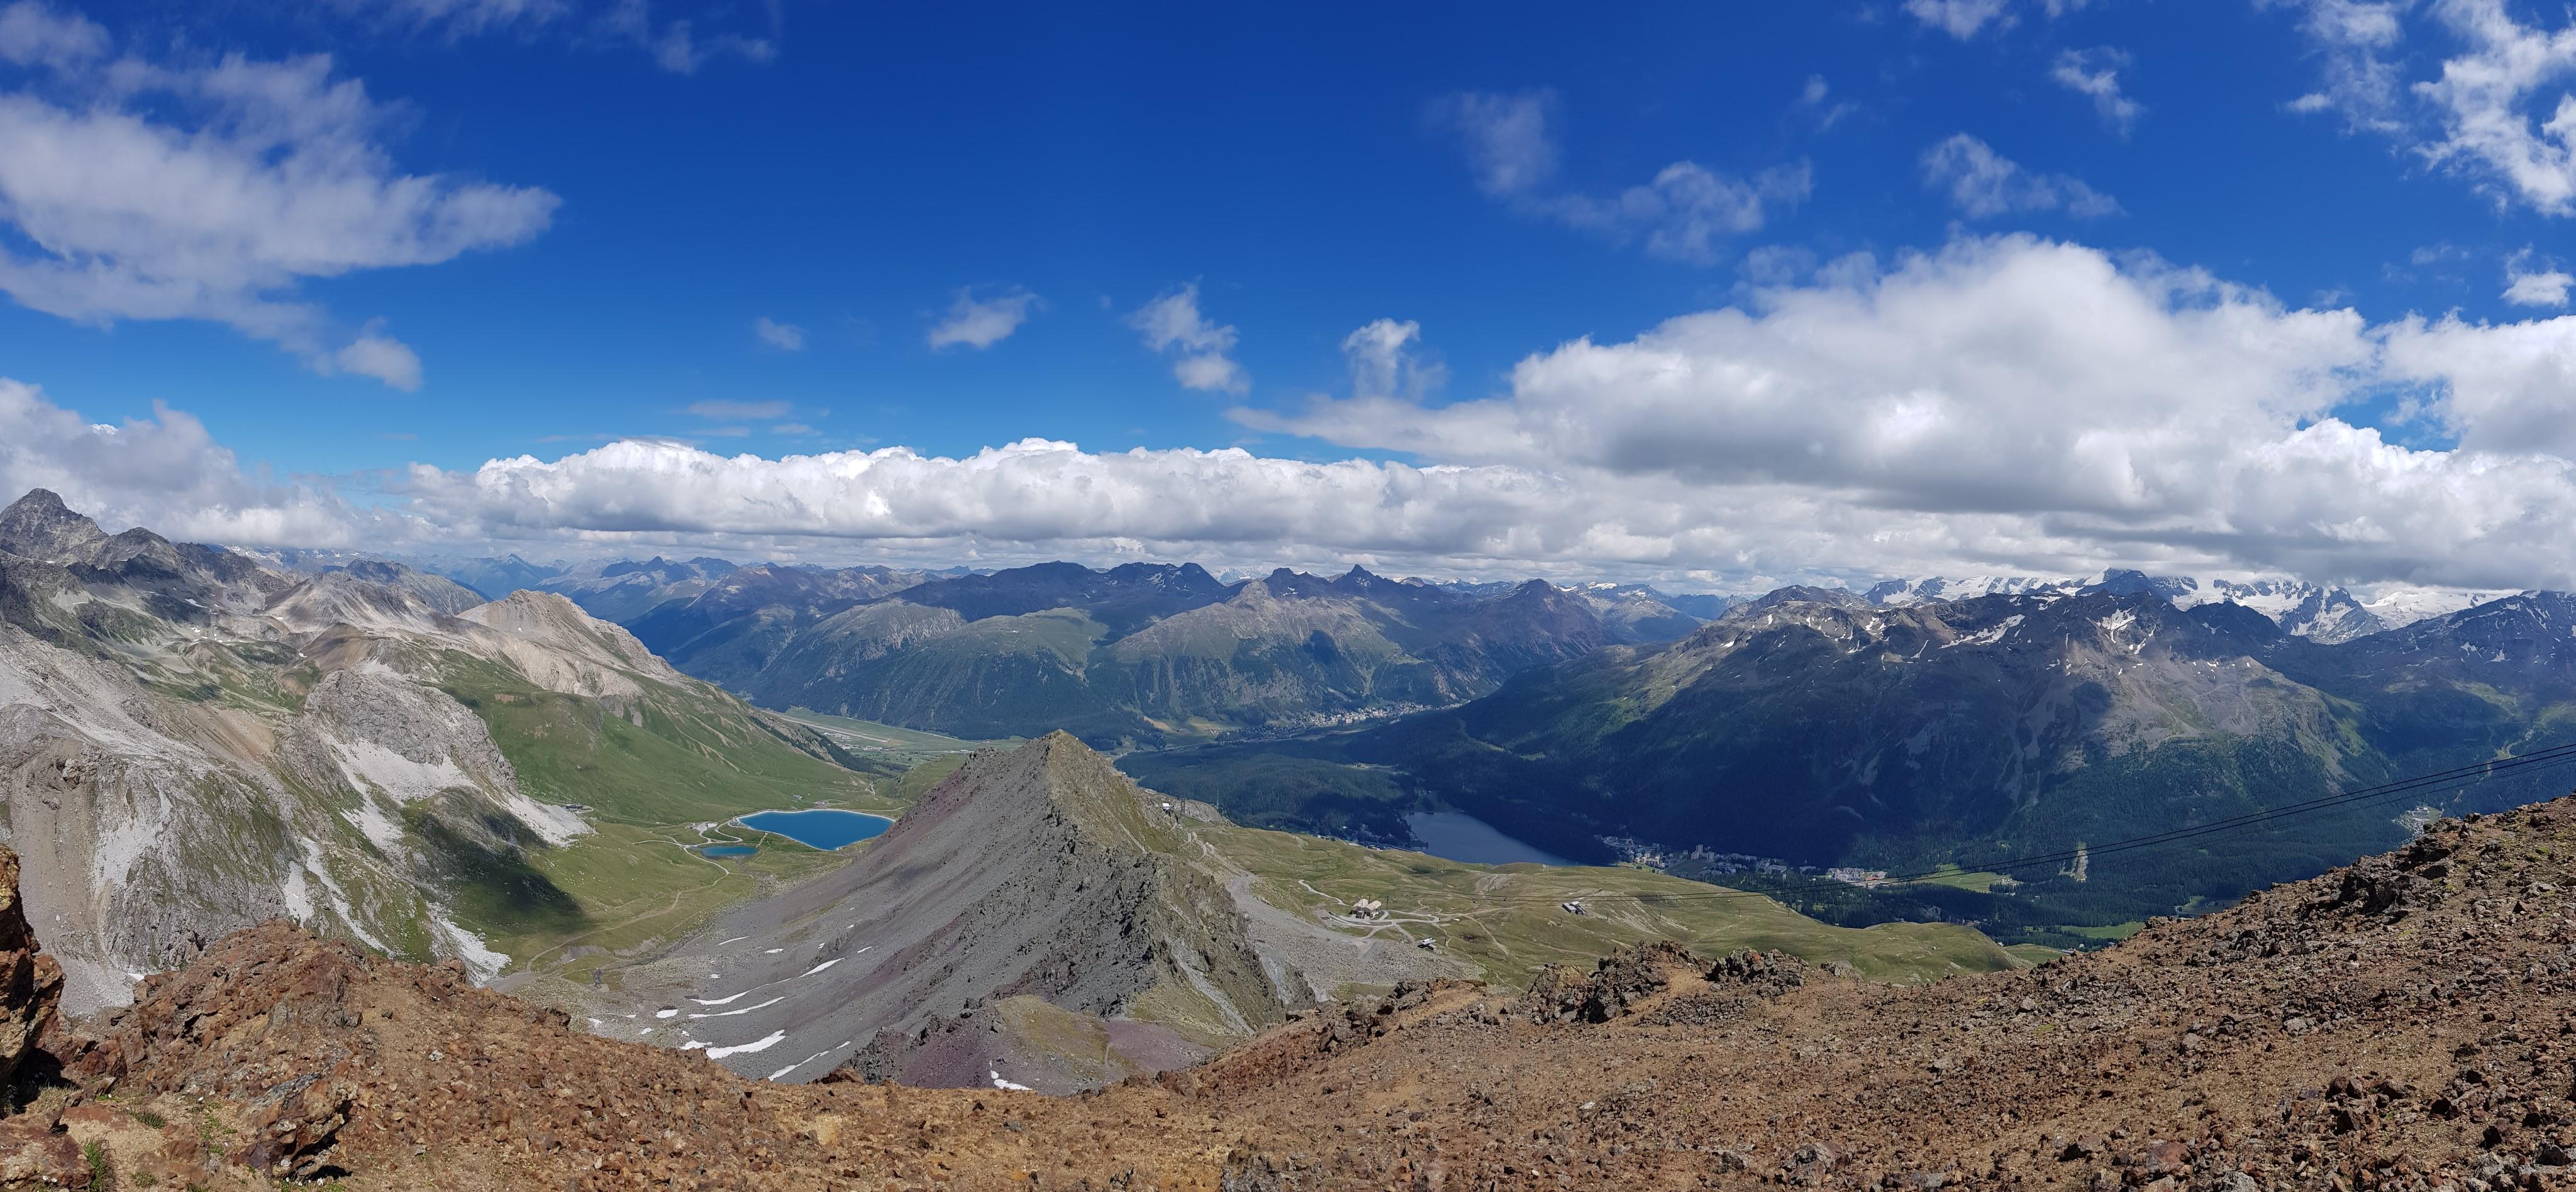 Engadine, St. Moritz, Piz Nair, view in direction Lej Alv, Lake of St. Moritz, Lej da Staz, Samedan, Pontresina, Muottas Muragl